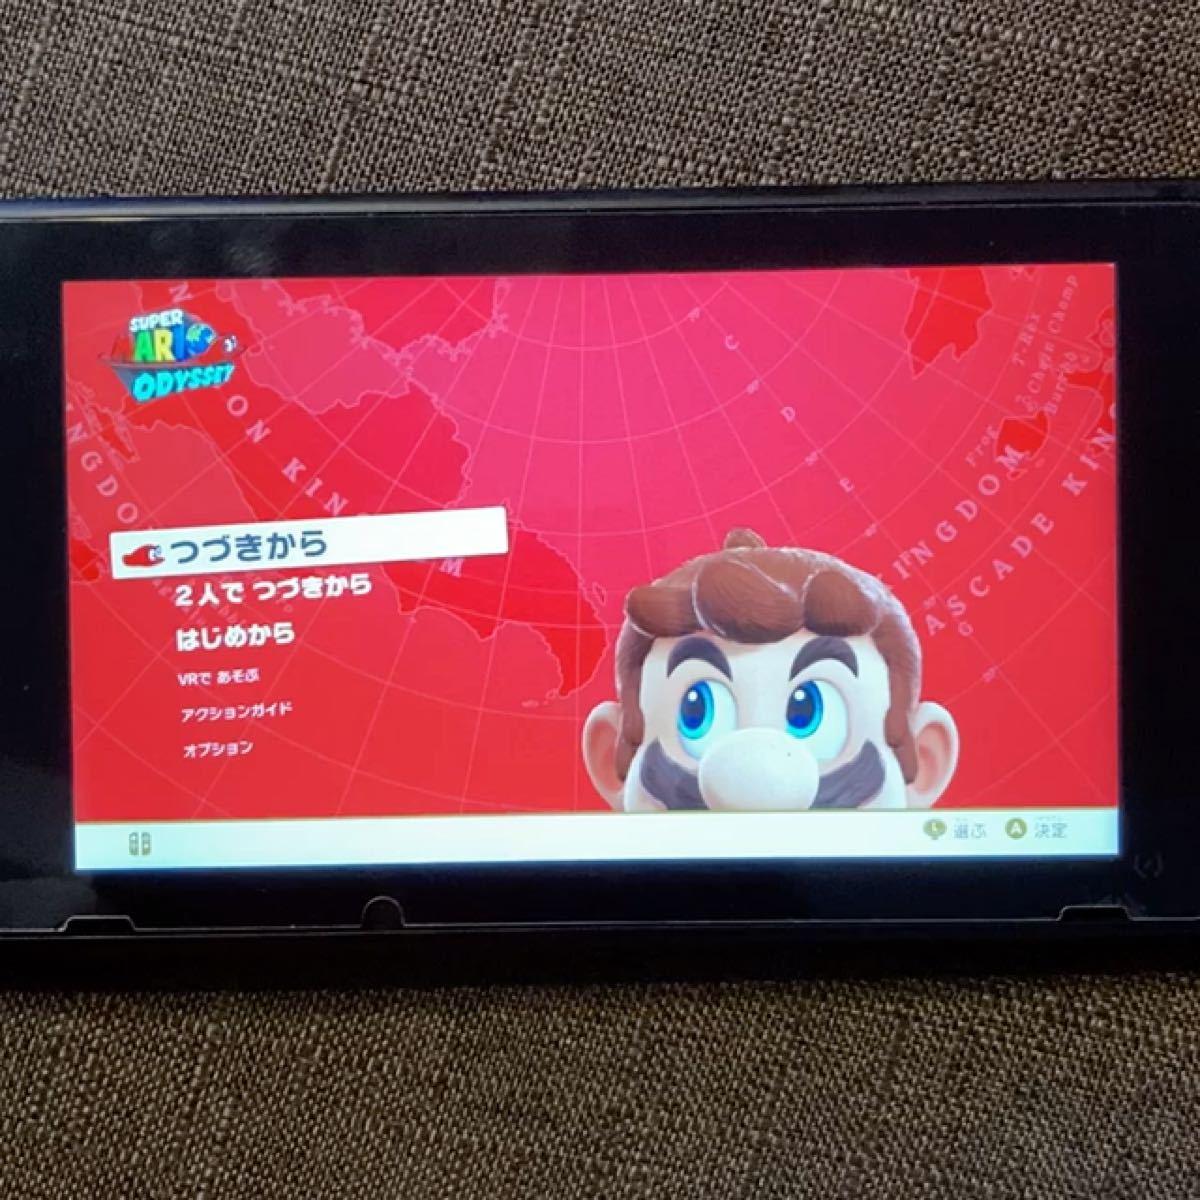 スーパーマリオオデッセイ Switch ニンテンドースイッチ SUPER MARIO ODYSSEY マリオオデッセイ ソフト